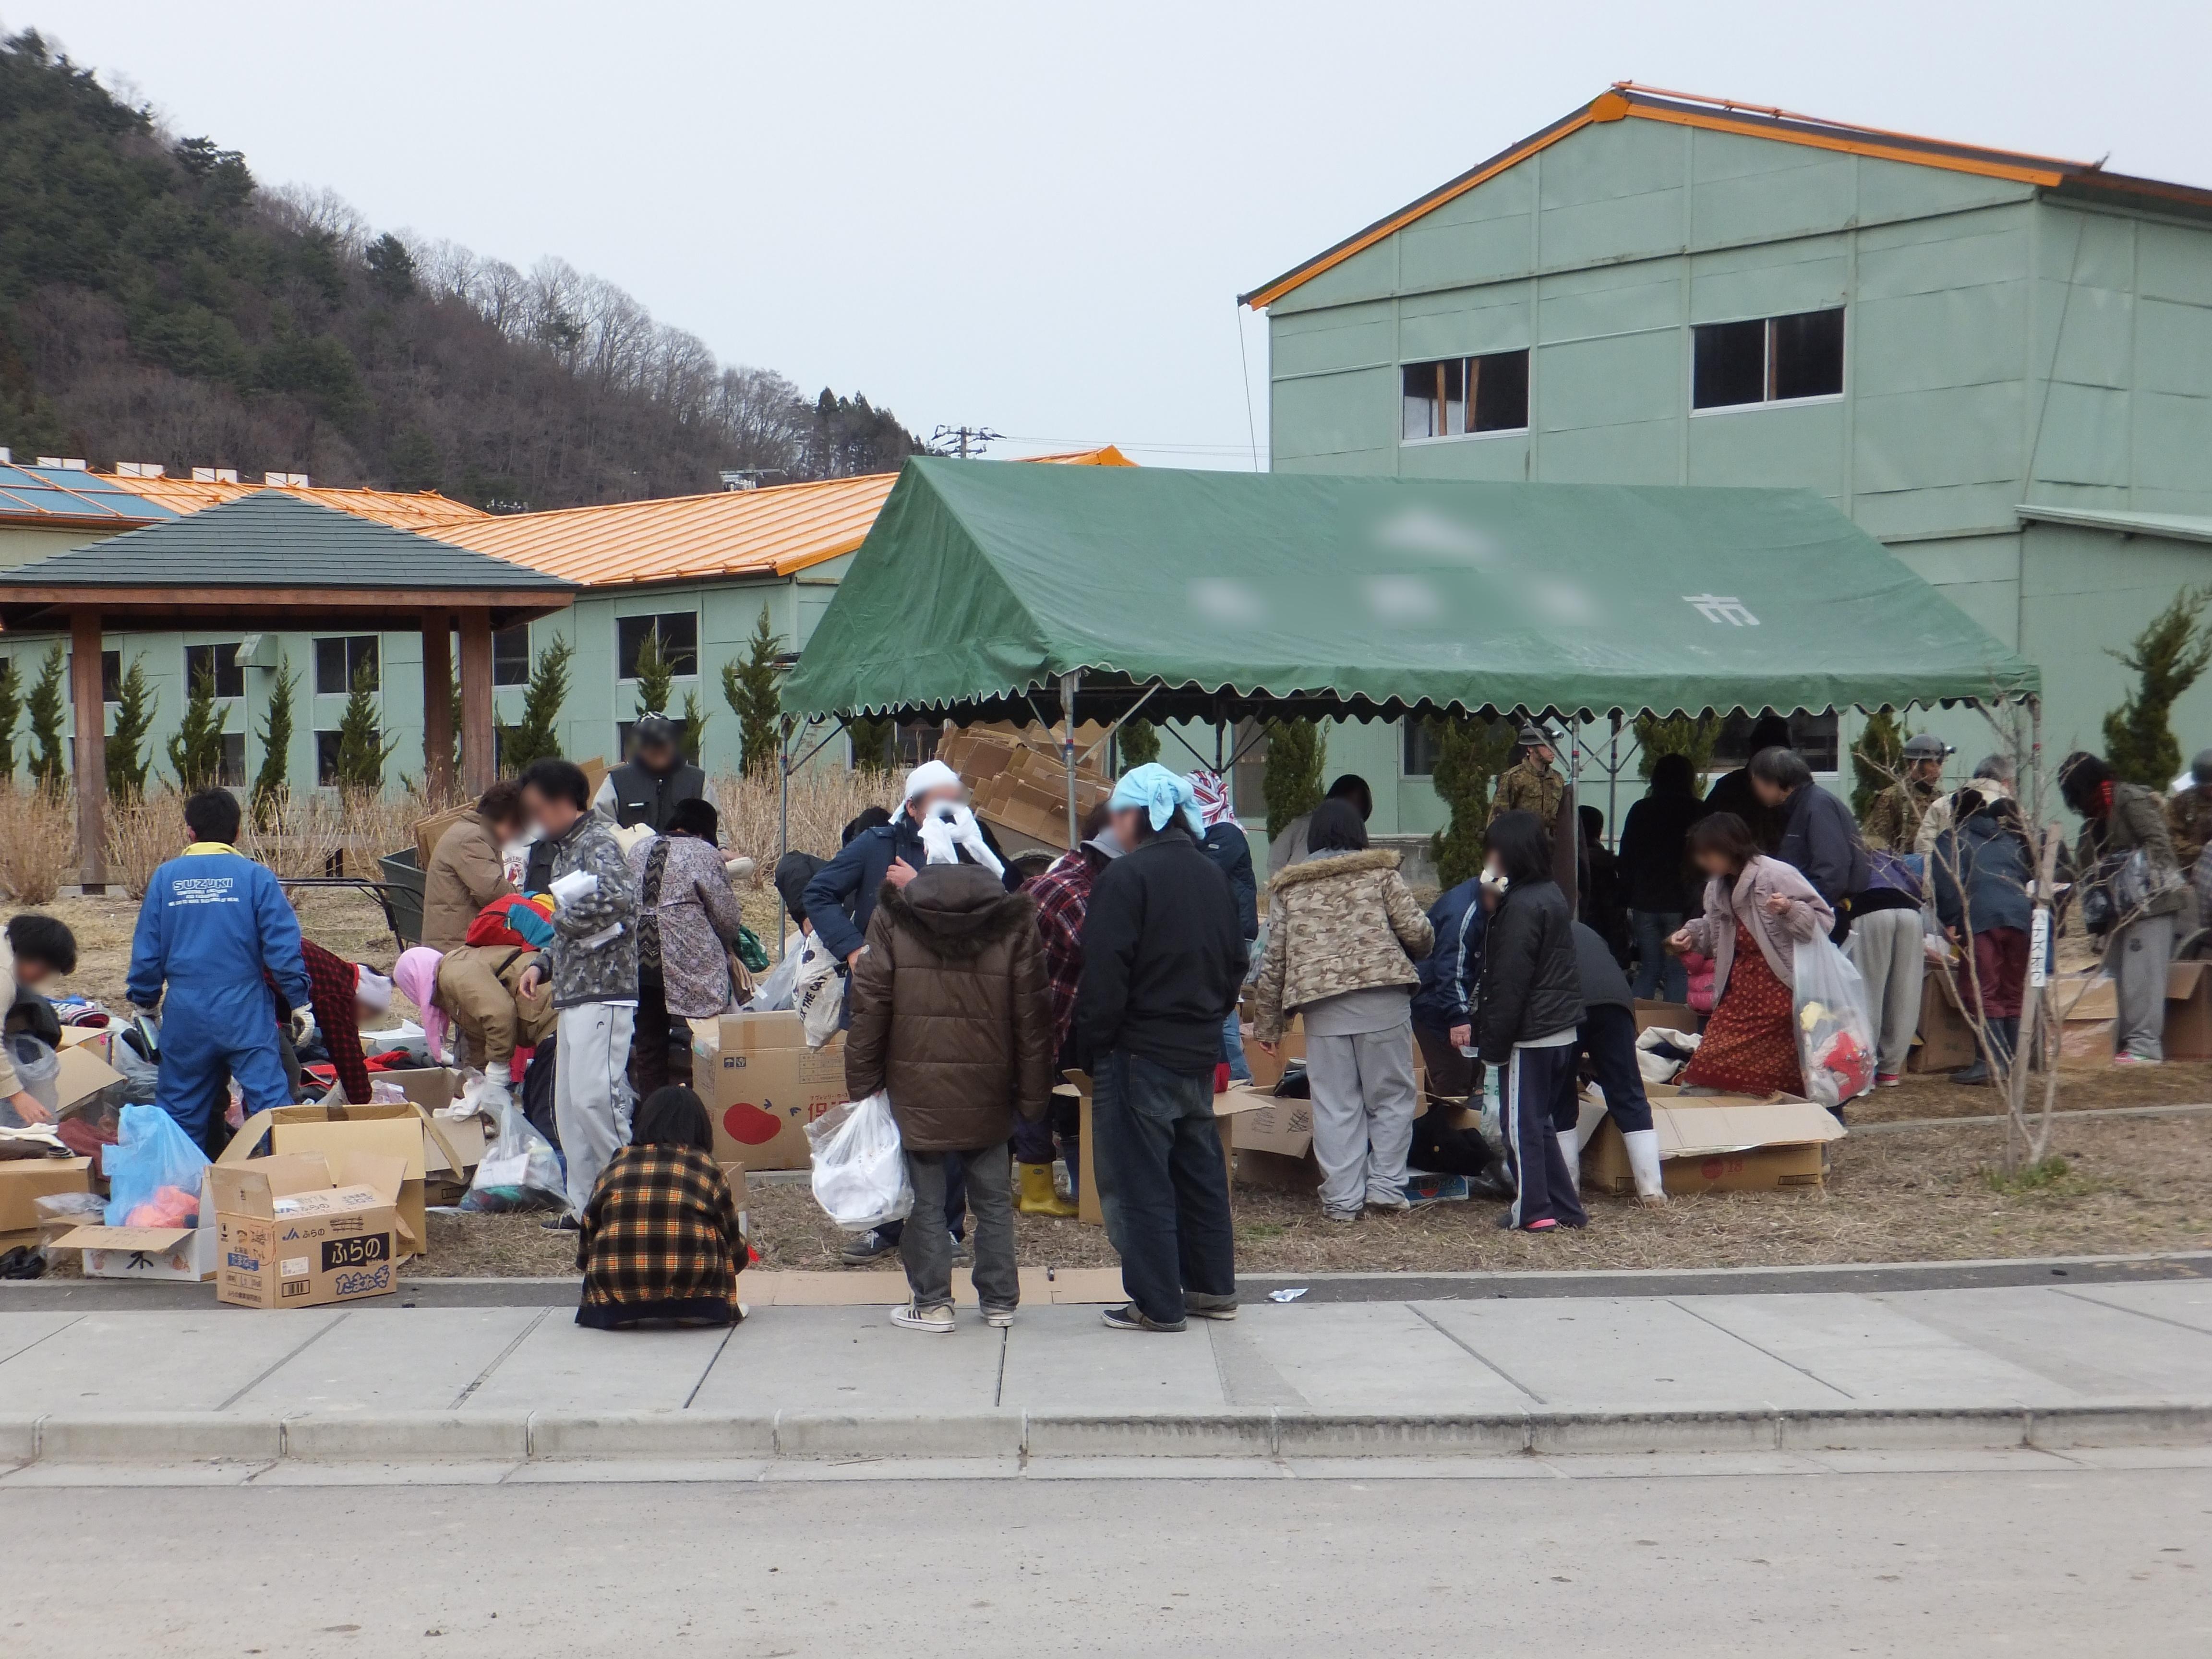 大槌町震災アーカイブ救援物資搬入(吉里吉里小学校)救援物資搬入(吉里吉里小学校)